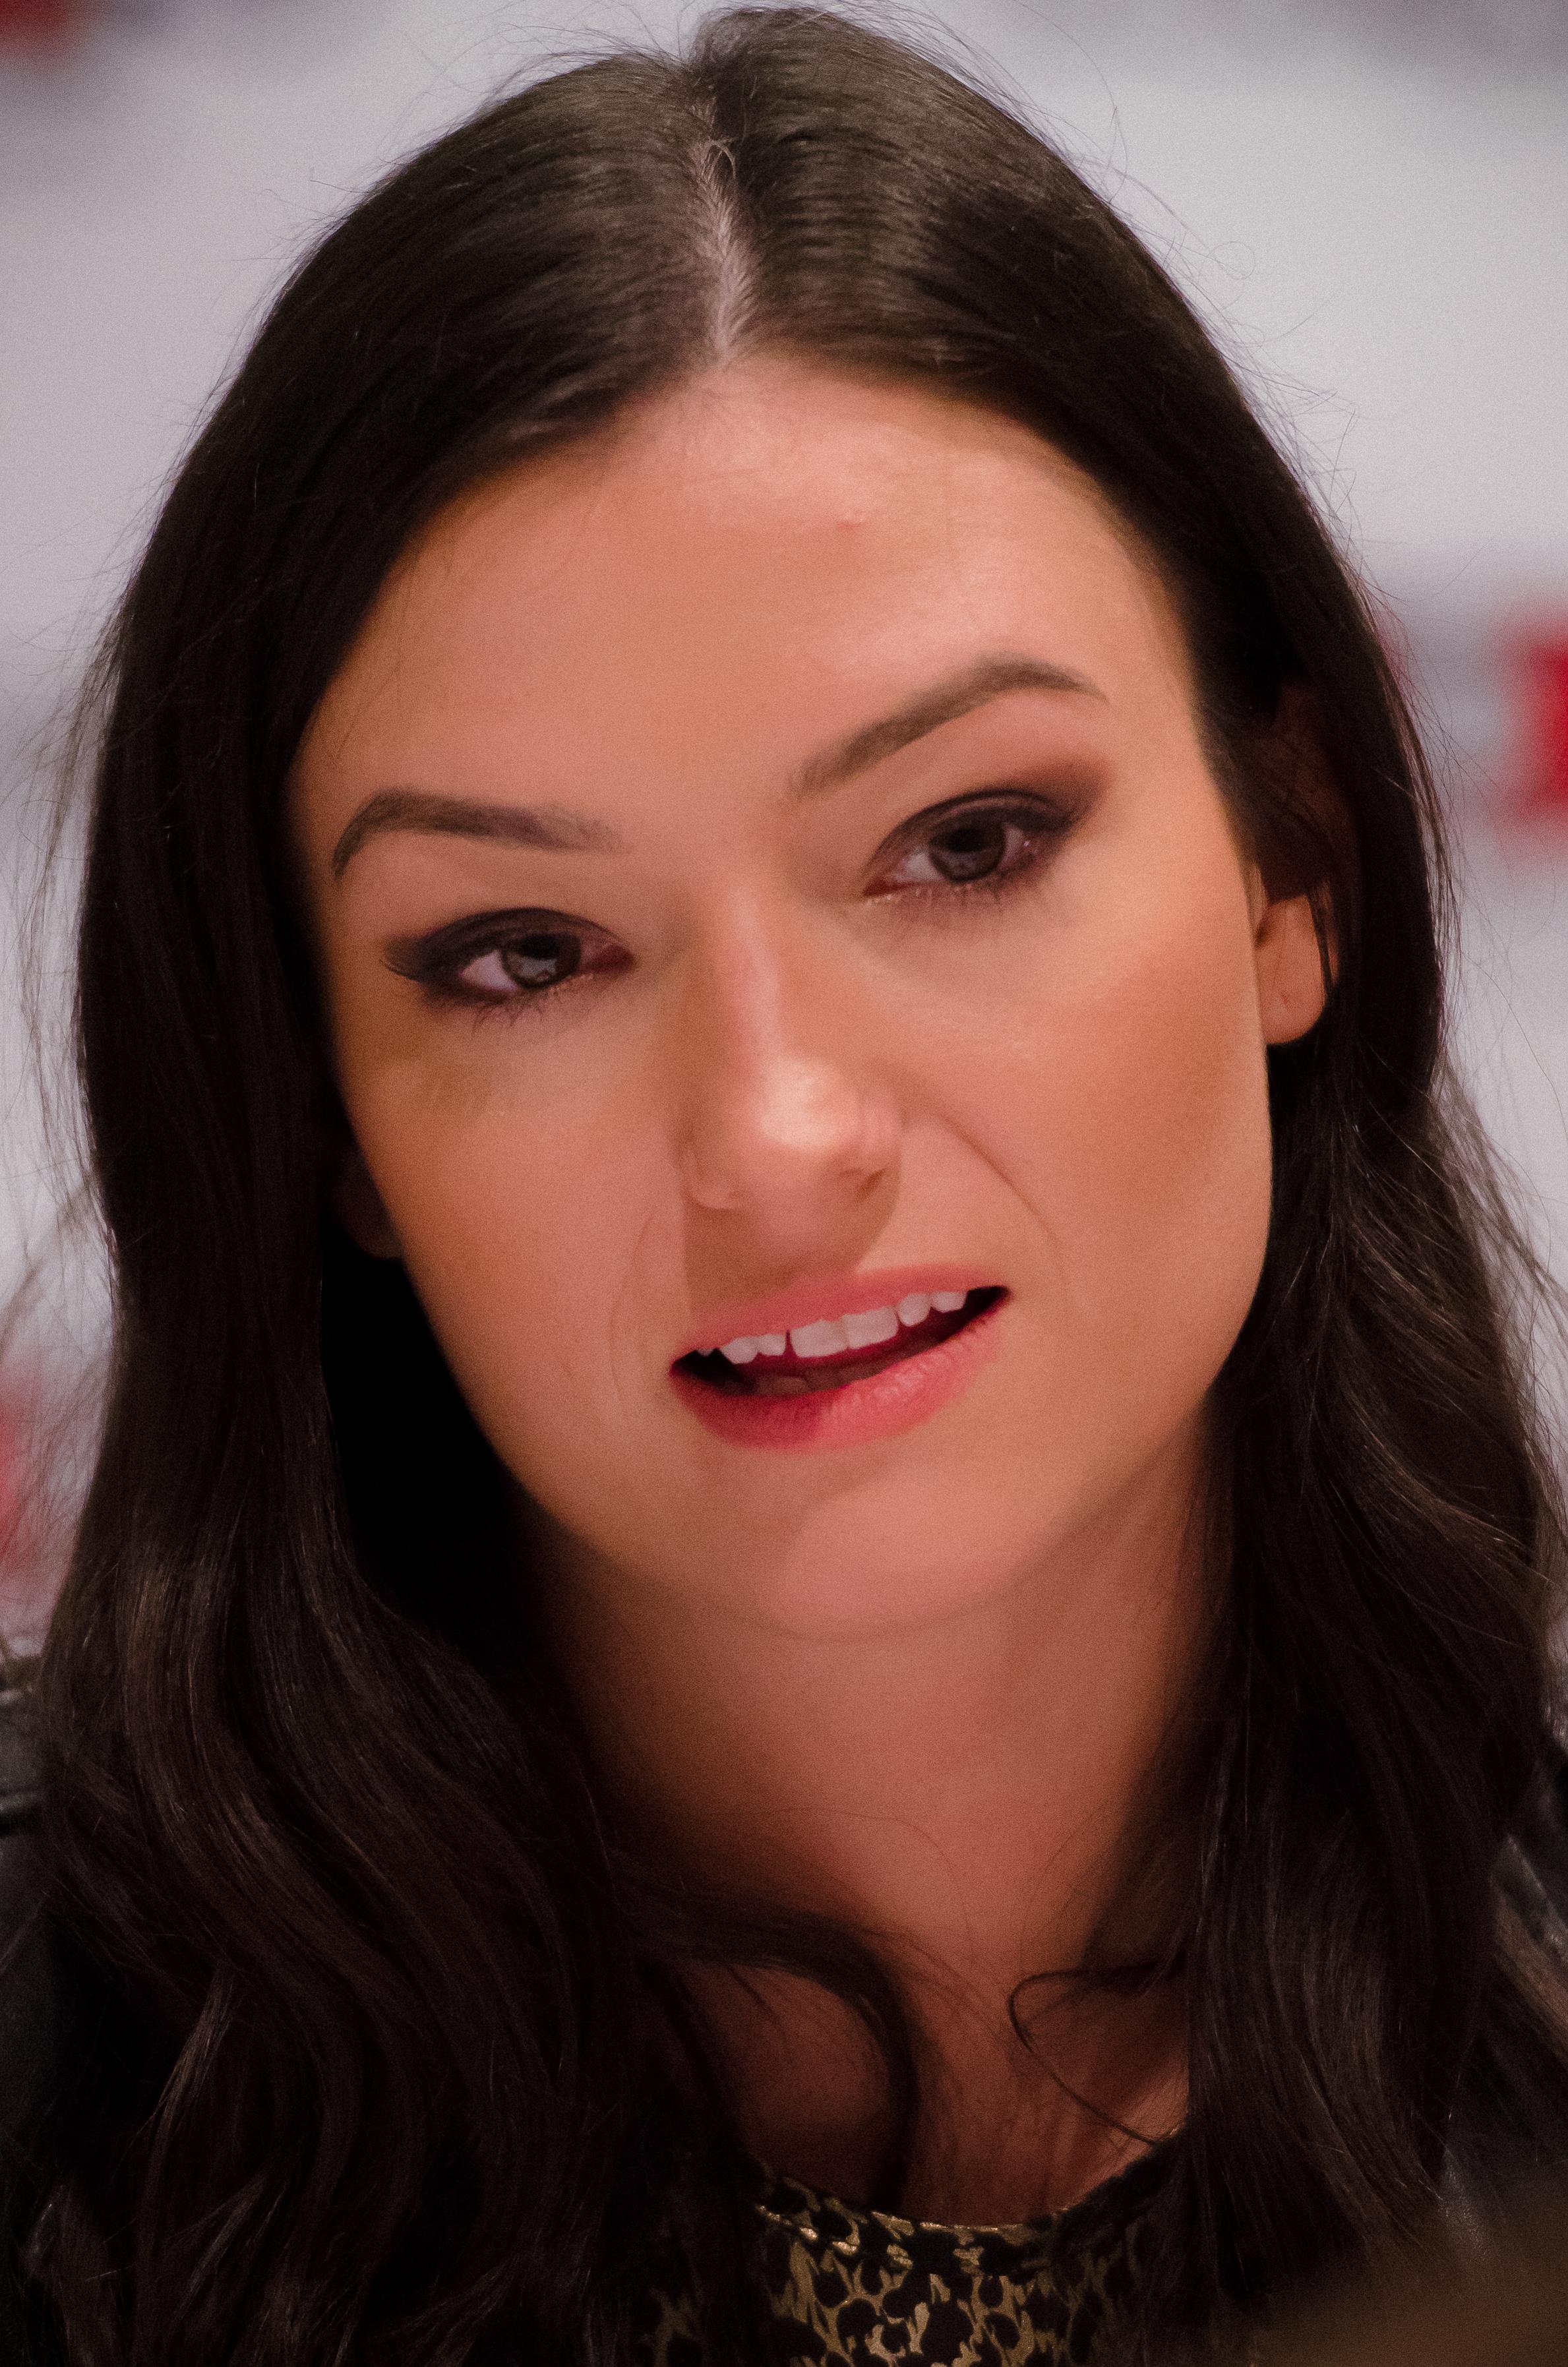 Elise Natasha dating